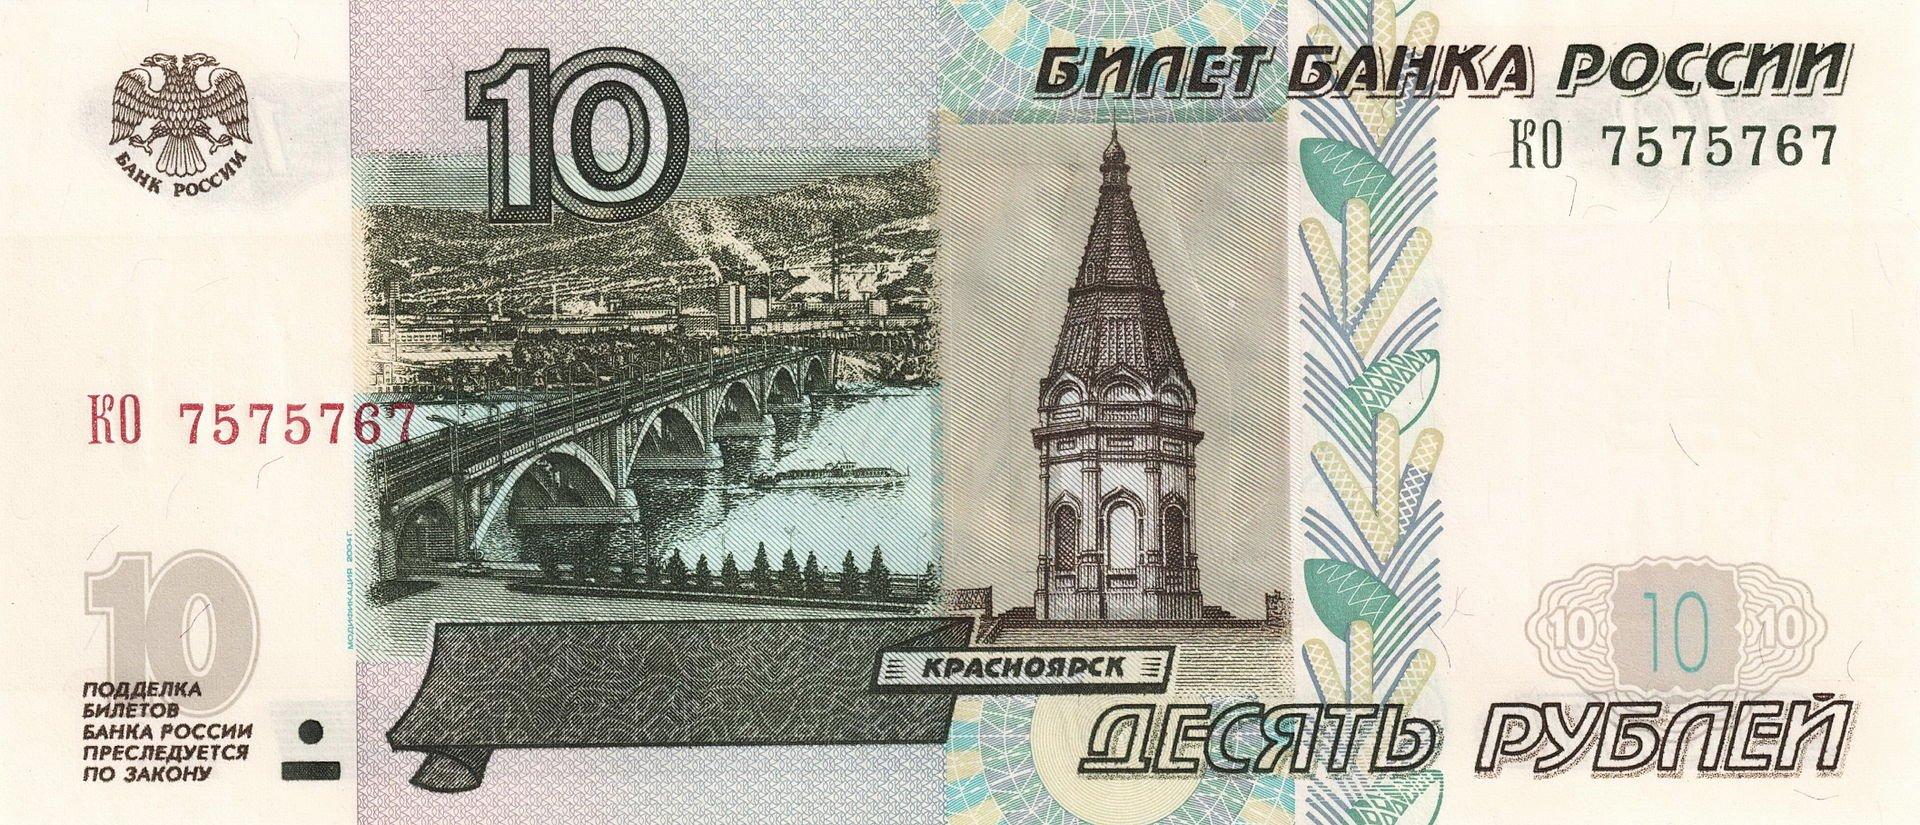 Купюры рублей россии 10 коп 2000 года цена